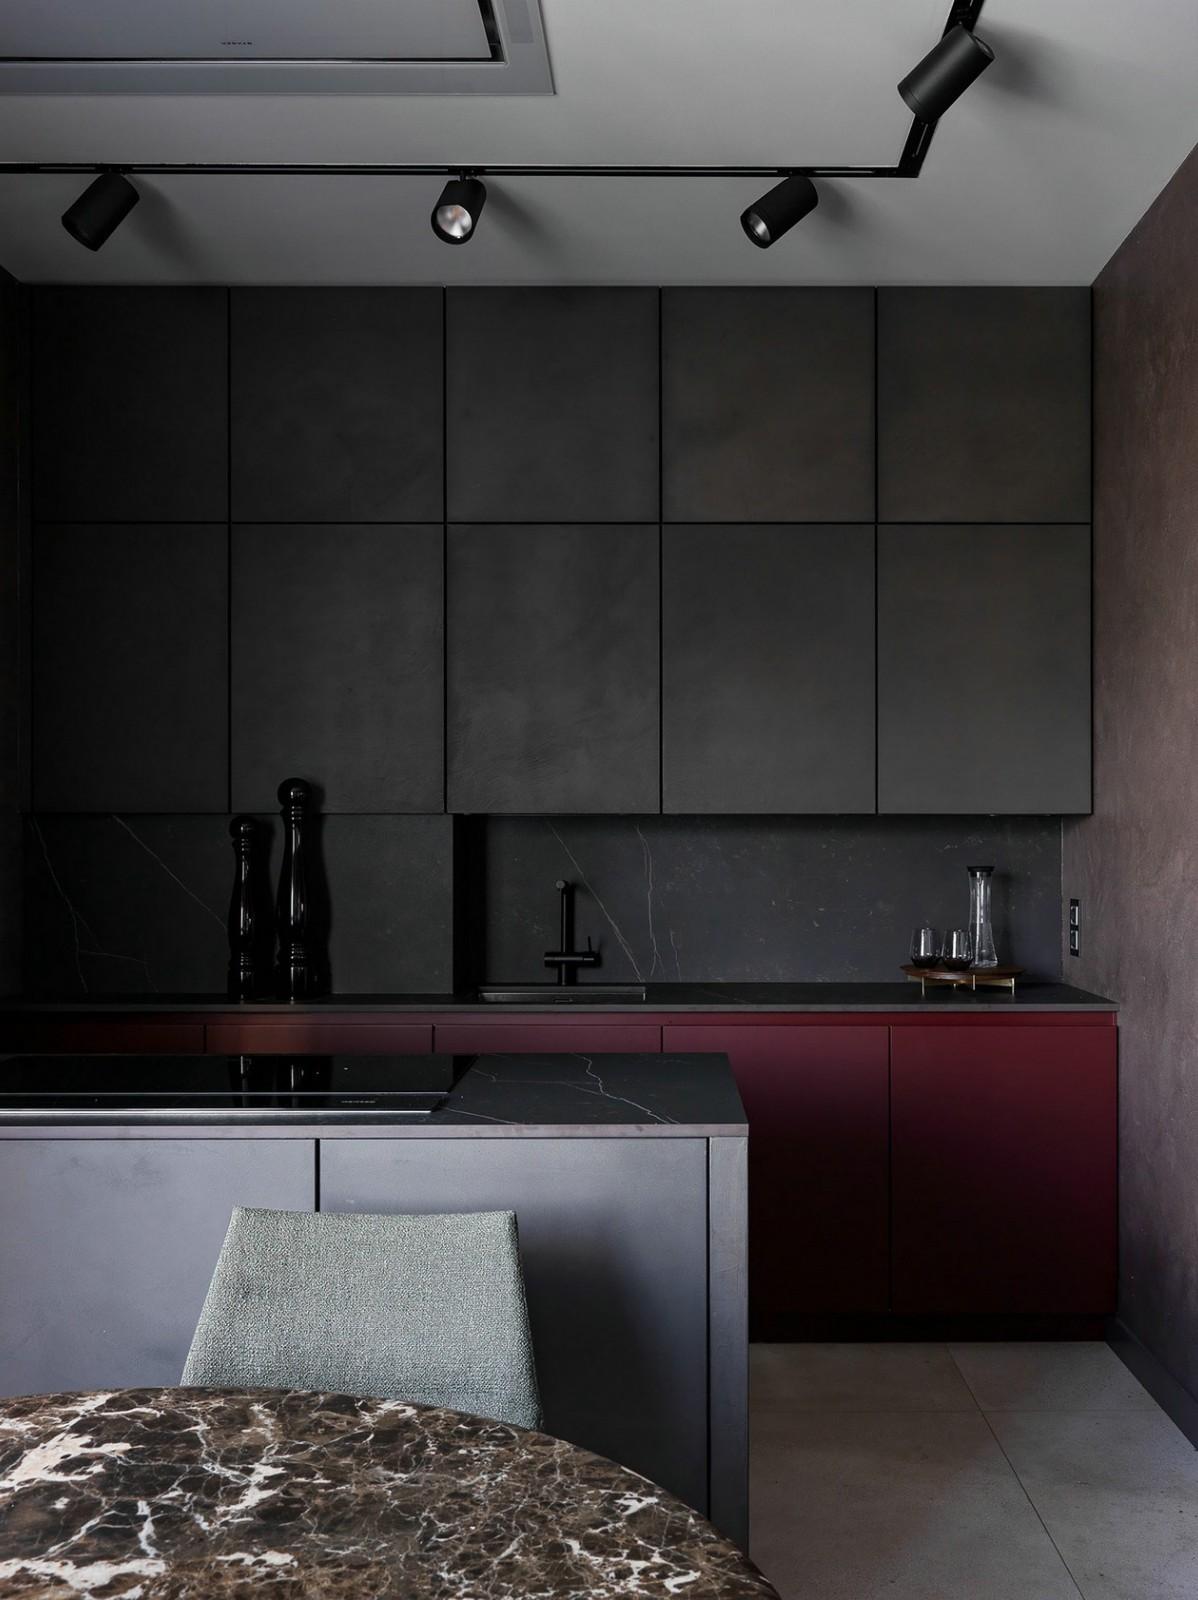 2021简约厨房装修图 2021简约吊顶图片